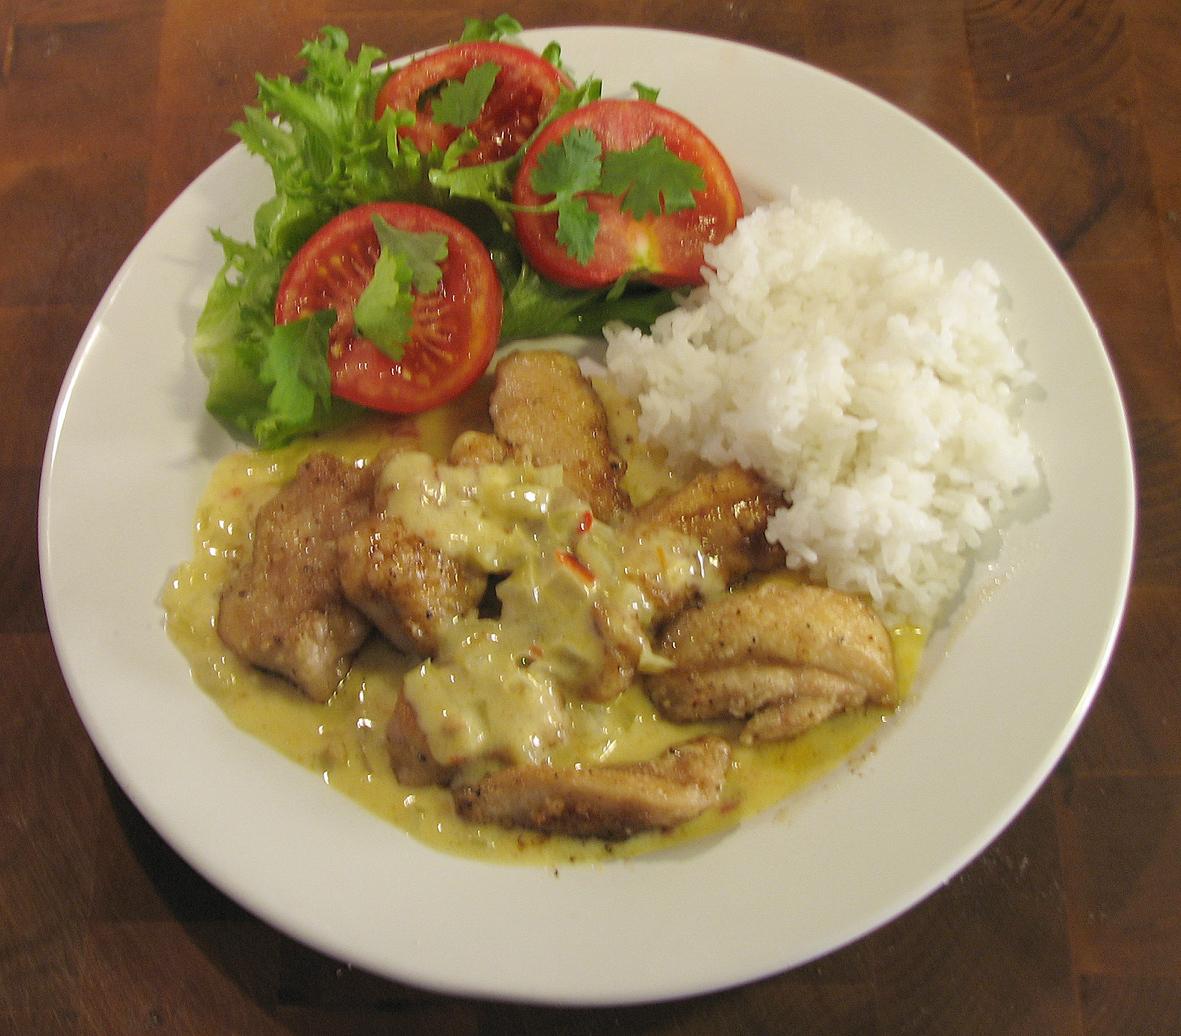 currysås utan grädde